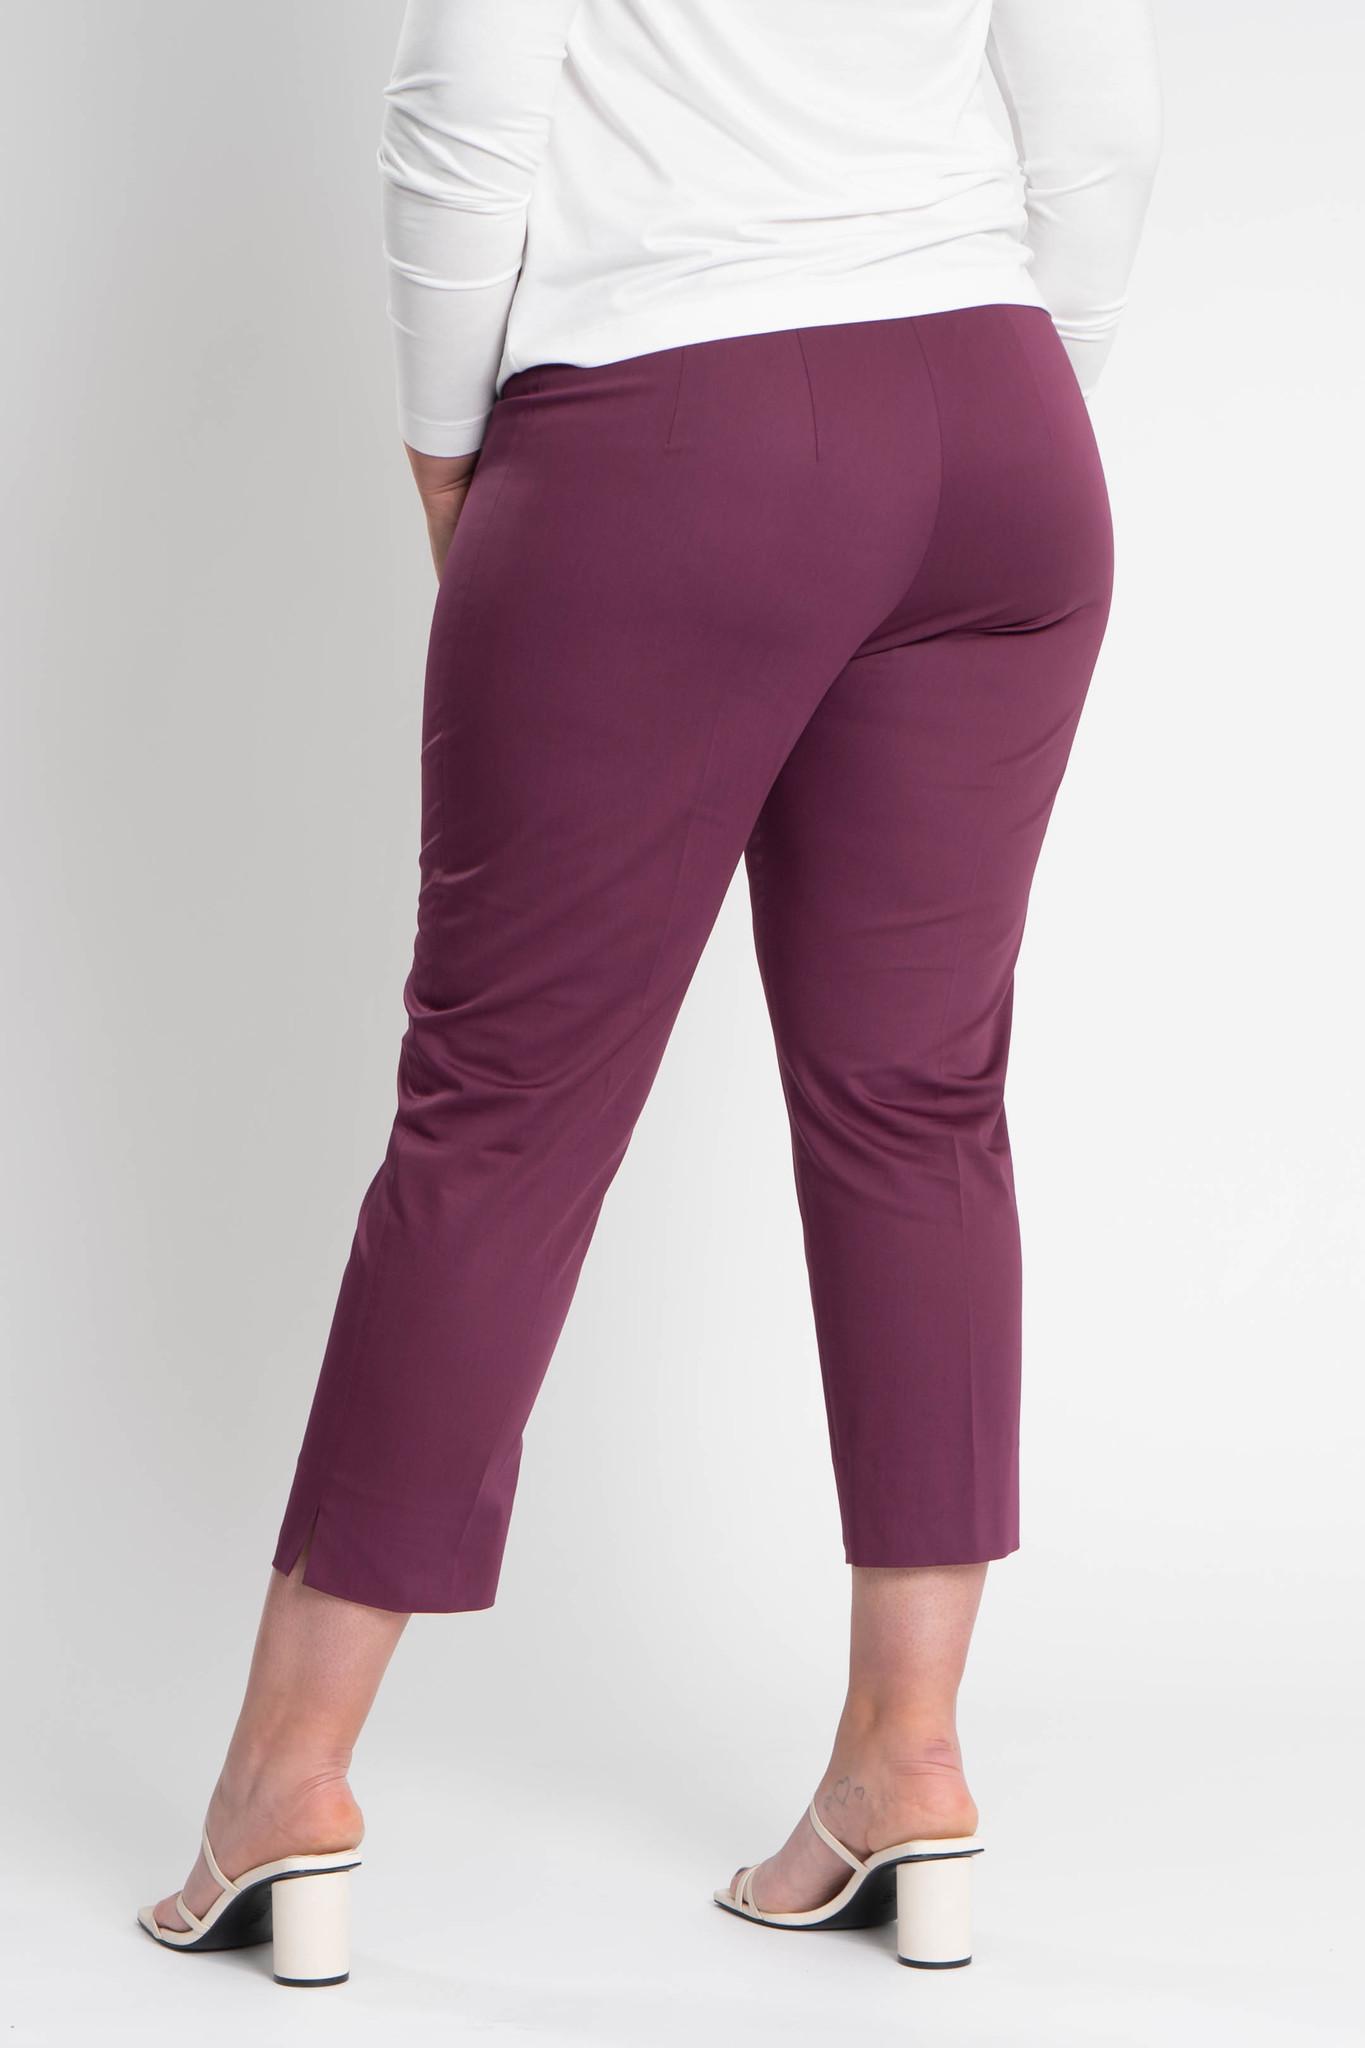 MIU Trousers in Cotton stretch-3